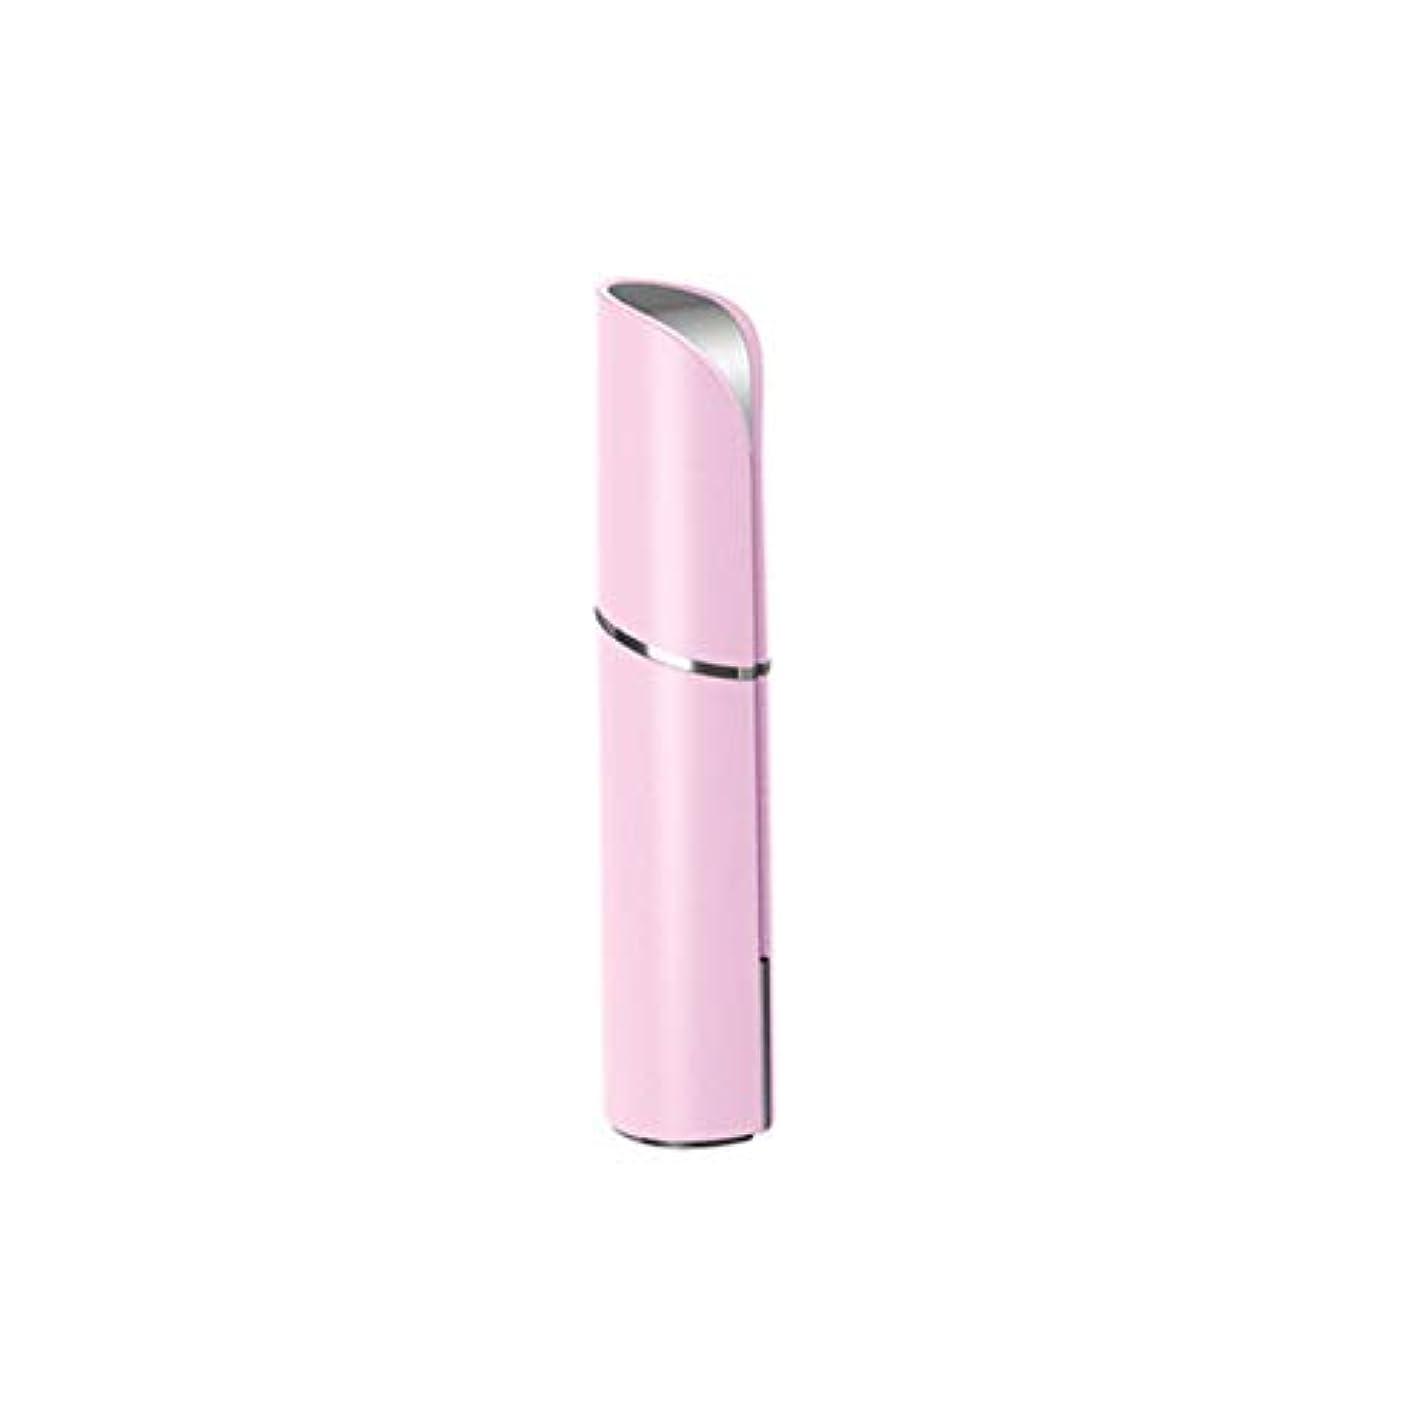 ドームびっくりする新しさマッサージャー - 黒丸アンチリンクルアイバッグ美容機器アーティファクト女性に行く (Color : Pink)